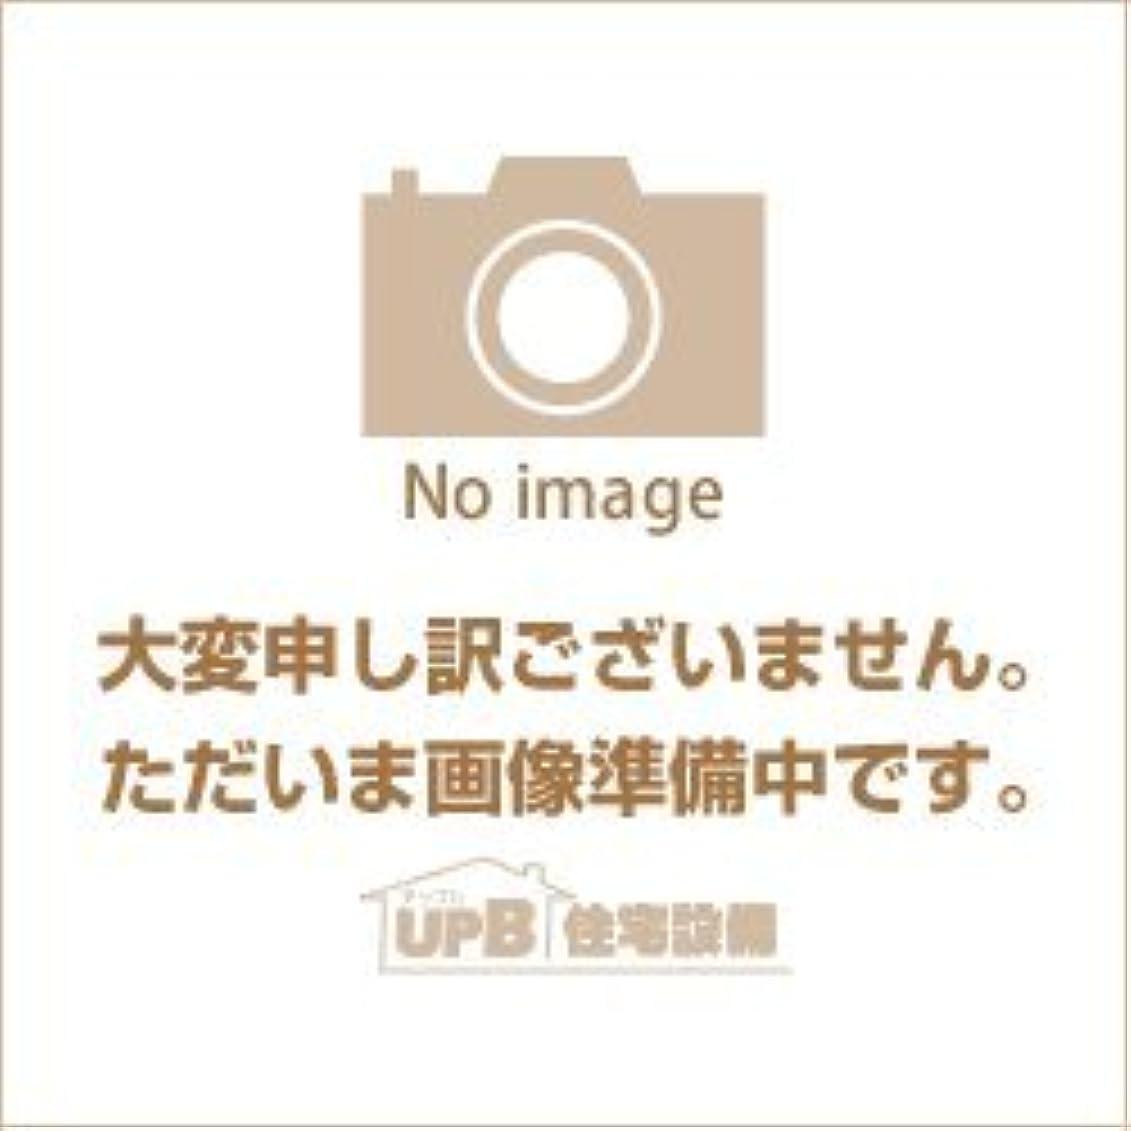 スナック男らしい松リンナイ 【UOP-G030-20】 扉内設置用取付BOX